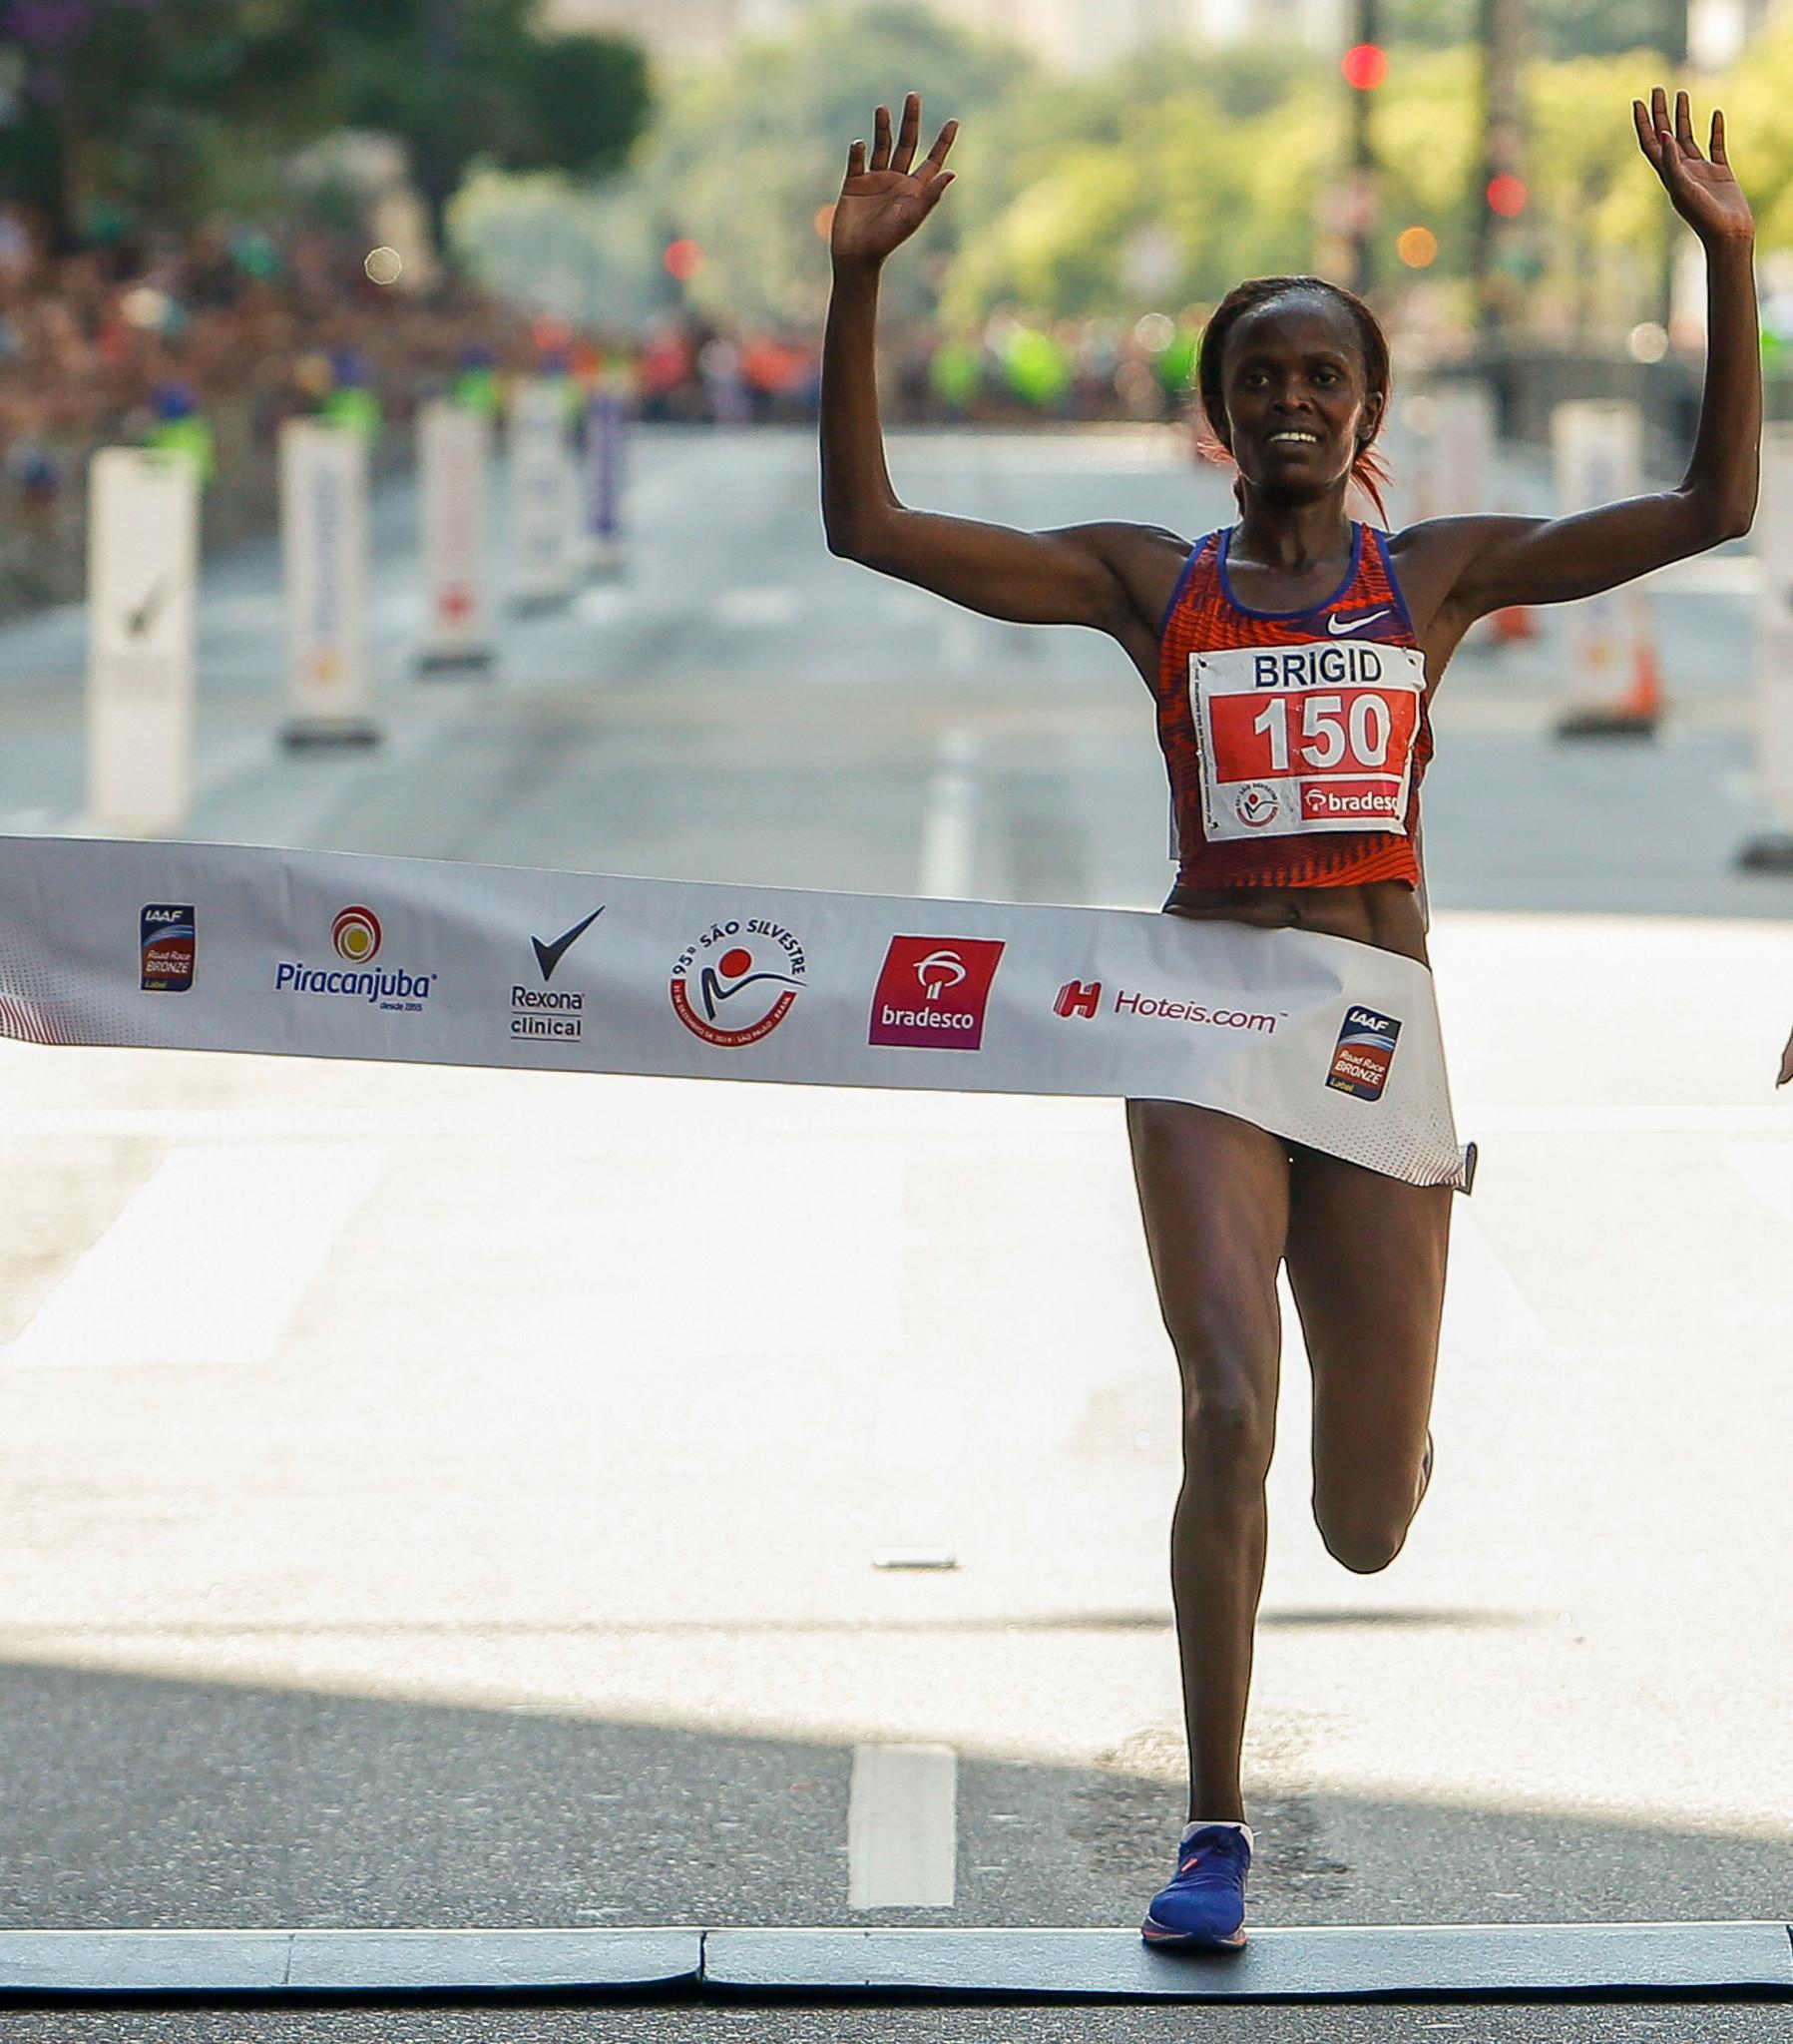 Women's marathon world record holder Brigid Kosgei will also compete at Tokyo 2020 ©Getty Images